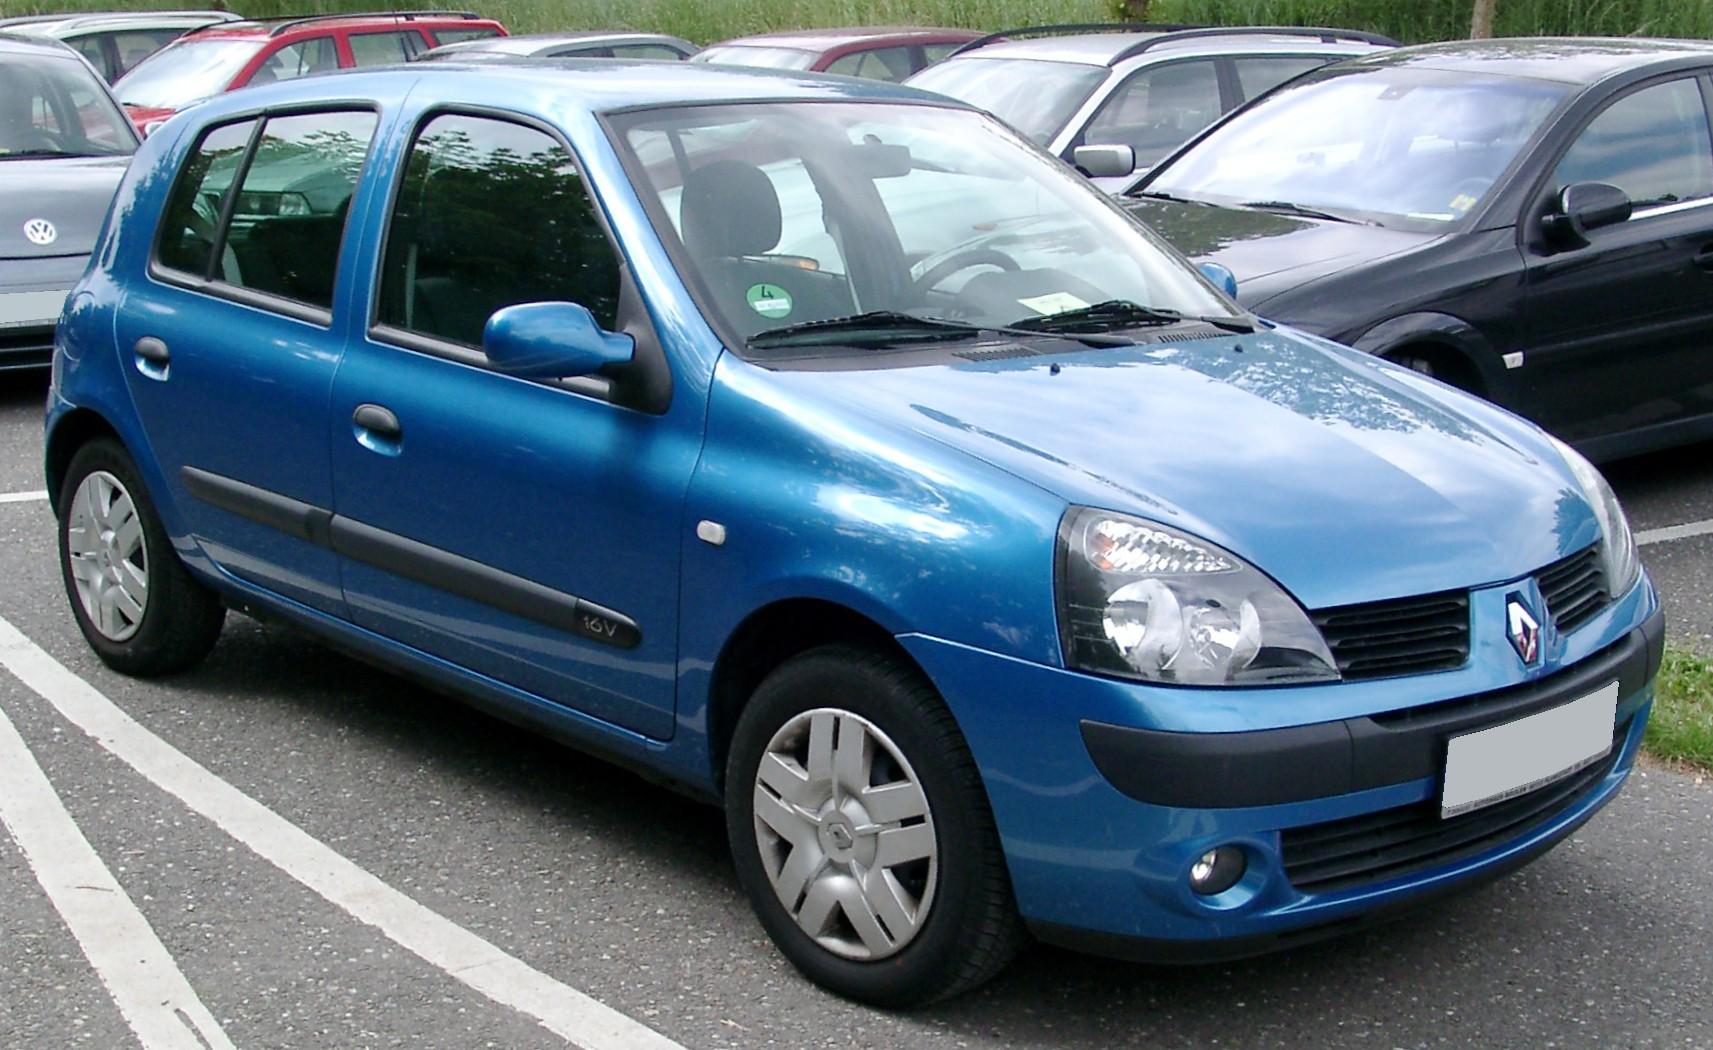 ELEKTROSATZ 13-polig SPEZIFISCH Für Renault Clio IV ab 11.2012